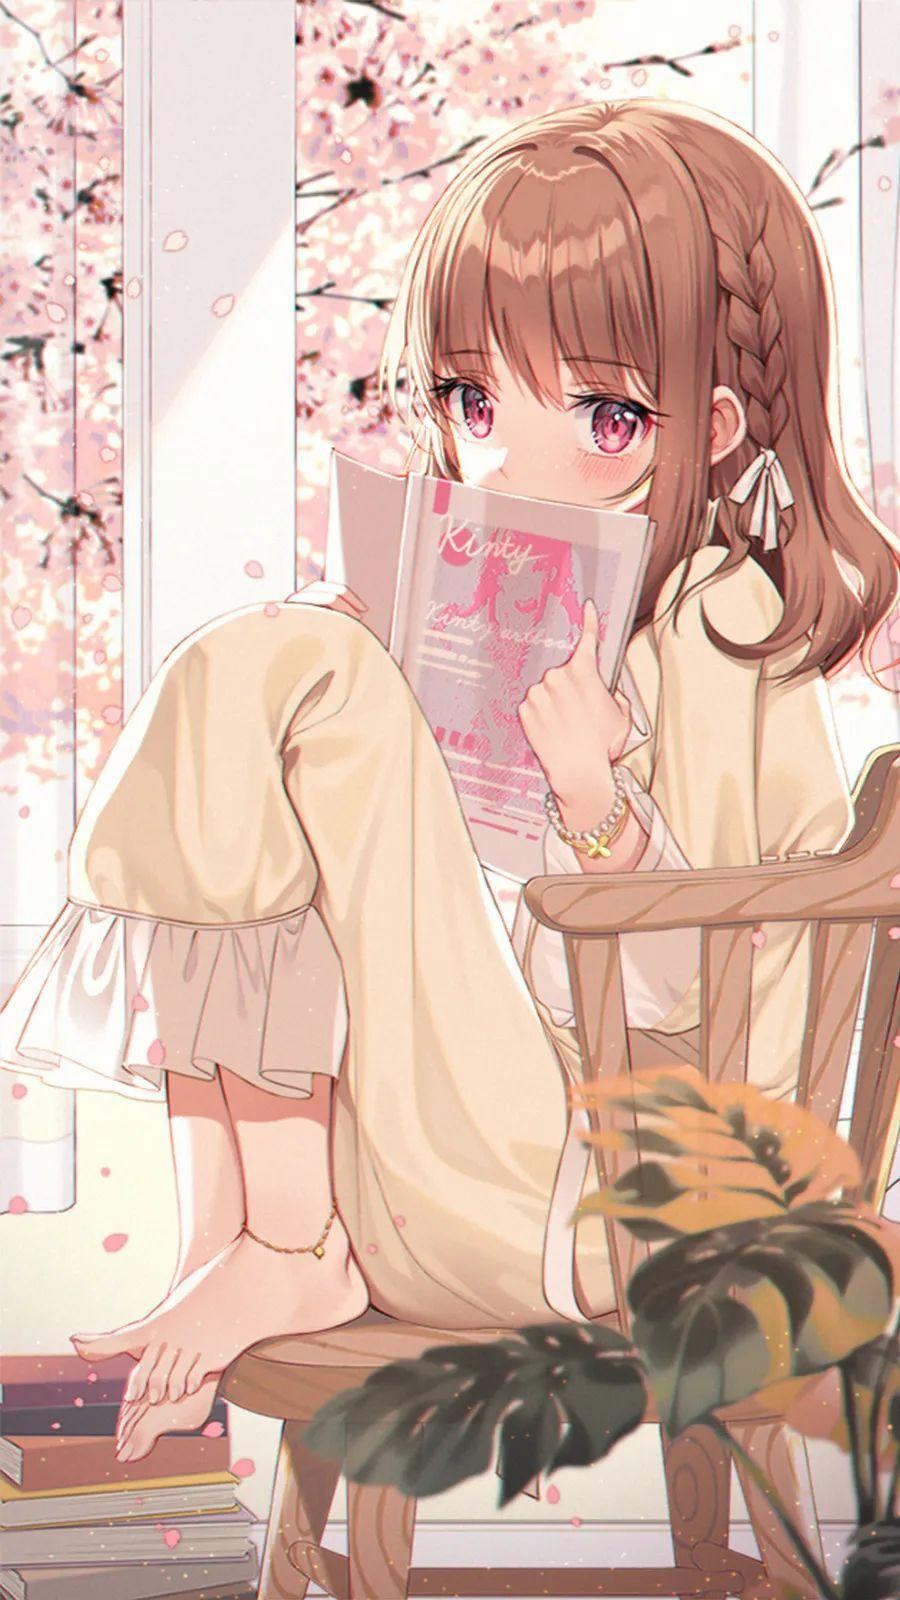 【二次元动漫壁纸集】优质动漫壁纸,金发双马尾JK短裙少女太好看了_图片 No.6